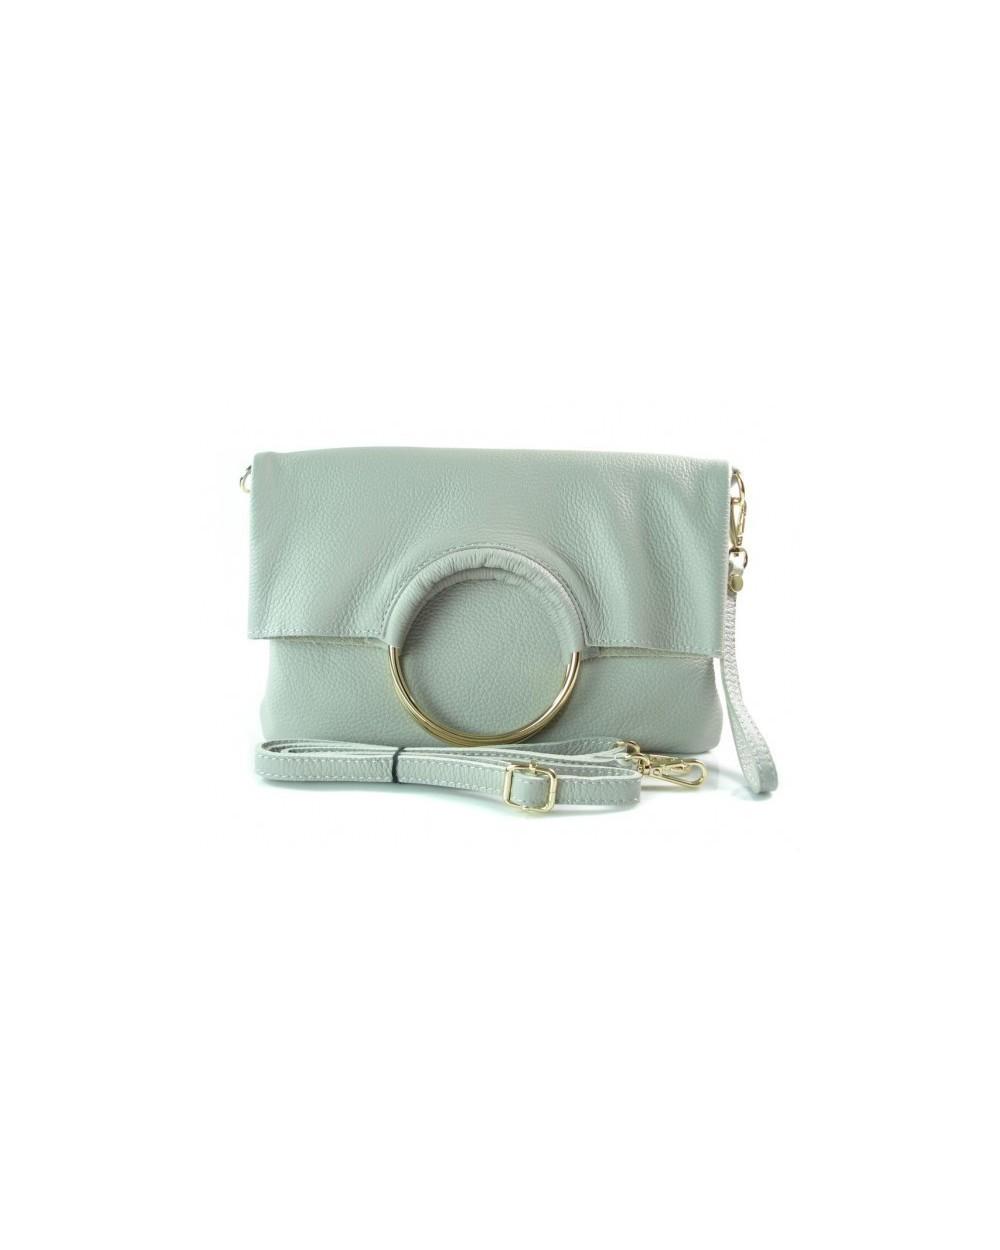 e672b01292099 Niesamowita torebka włoska 2 w 1 listonoszka shopper jasnoszara. ‹ ›